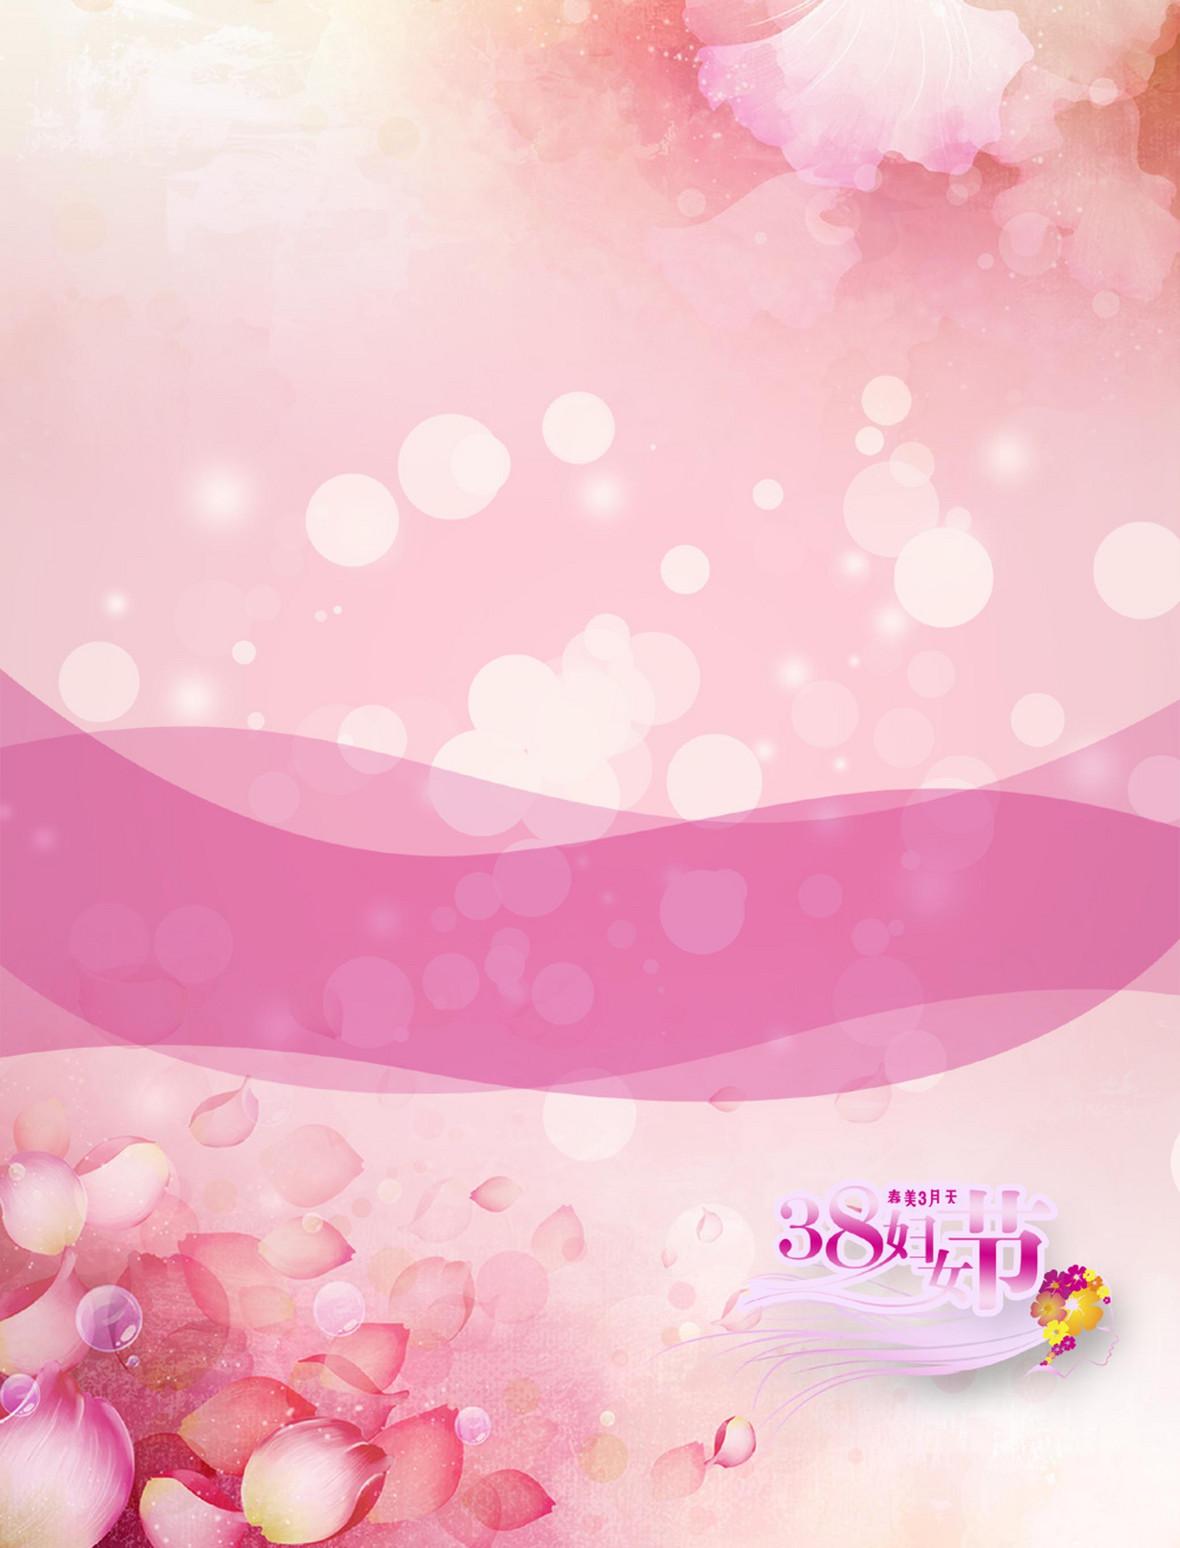 粉色浪漫爱心剪影38妇女节海报背景素材